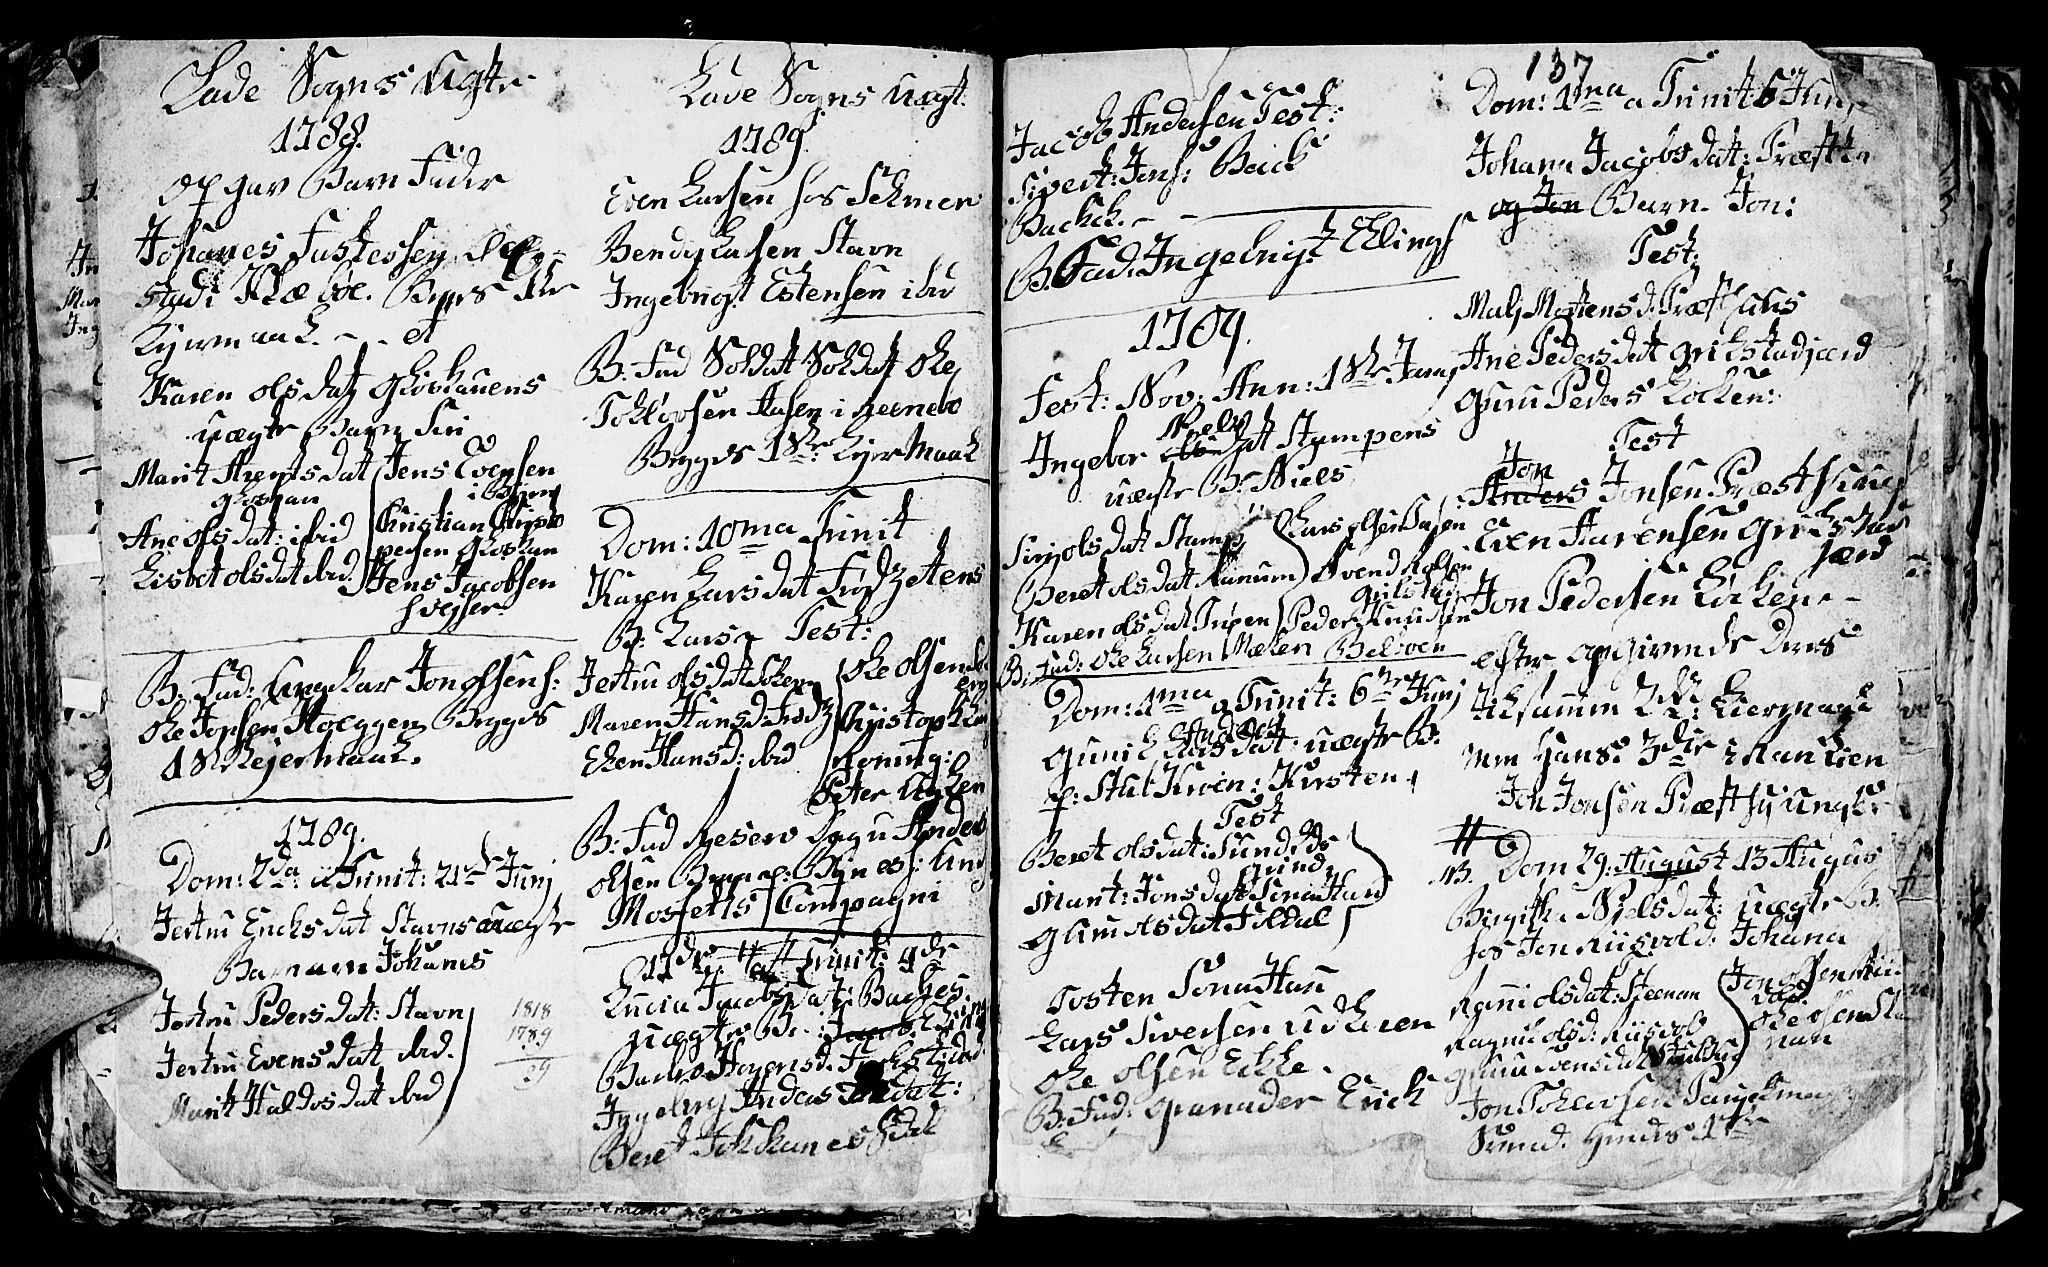 SAT, Ministerialprotokoller, klokkerbøker og fødselsregistre - Sør-Trøndelag, 606/L0305: Klokkerbok nr. 606C01, 1757-1819, s. 137